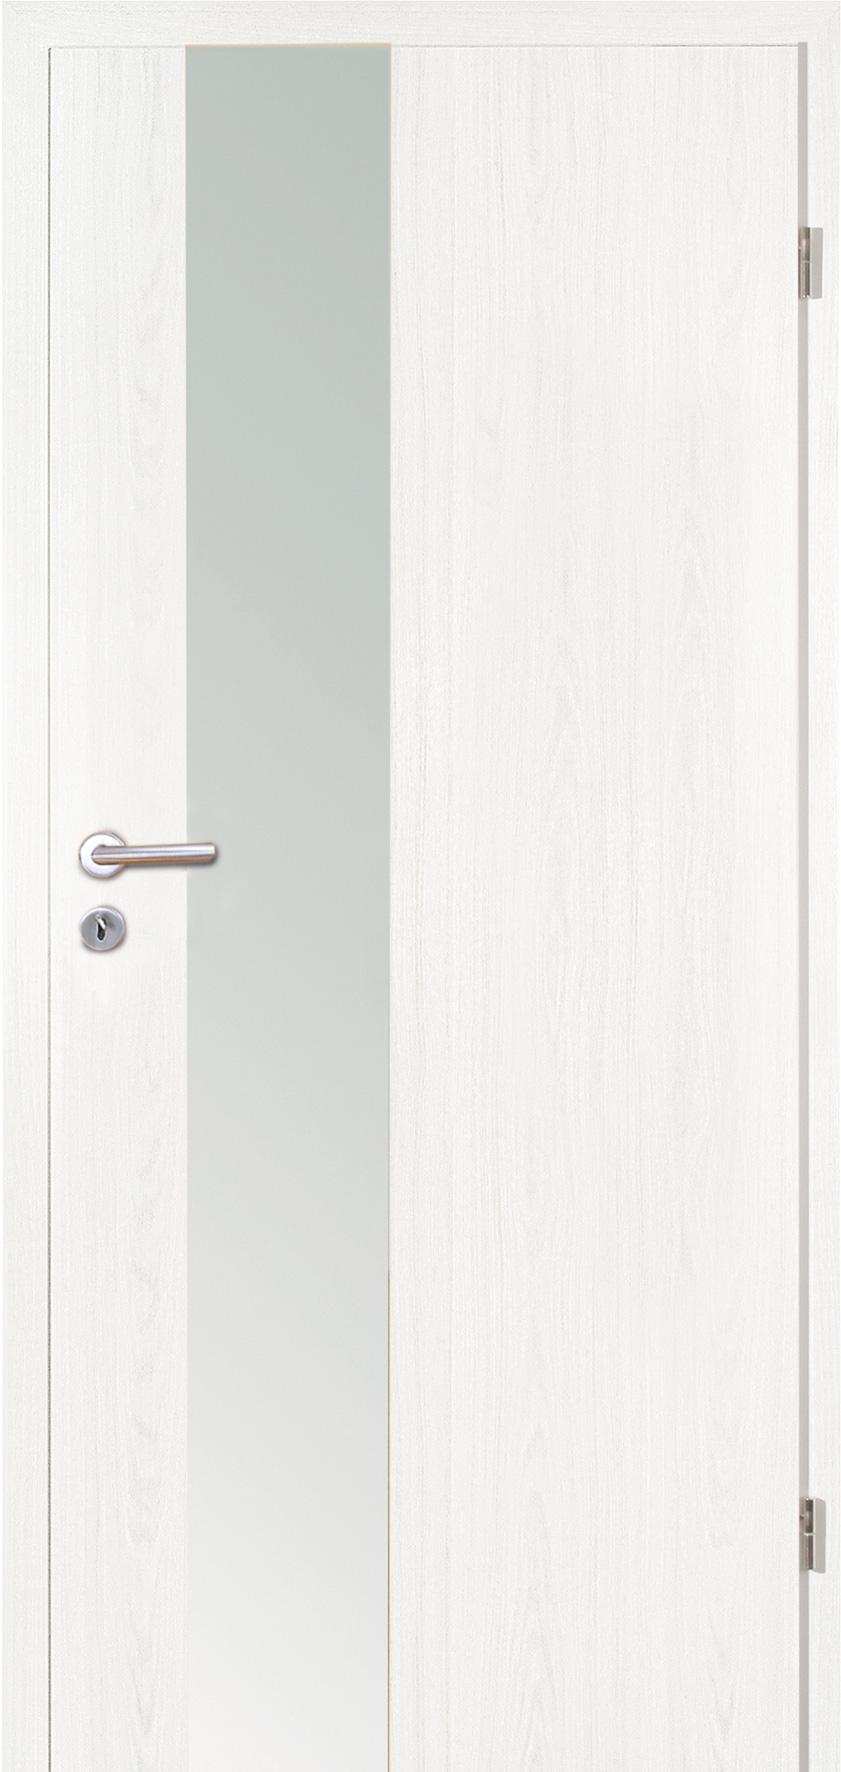 Modernes t relement vision schlossseite decora esche wei - Weisse wandfarbe deckend ...